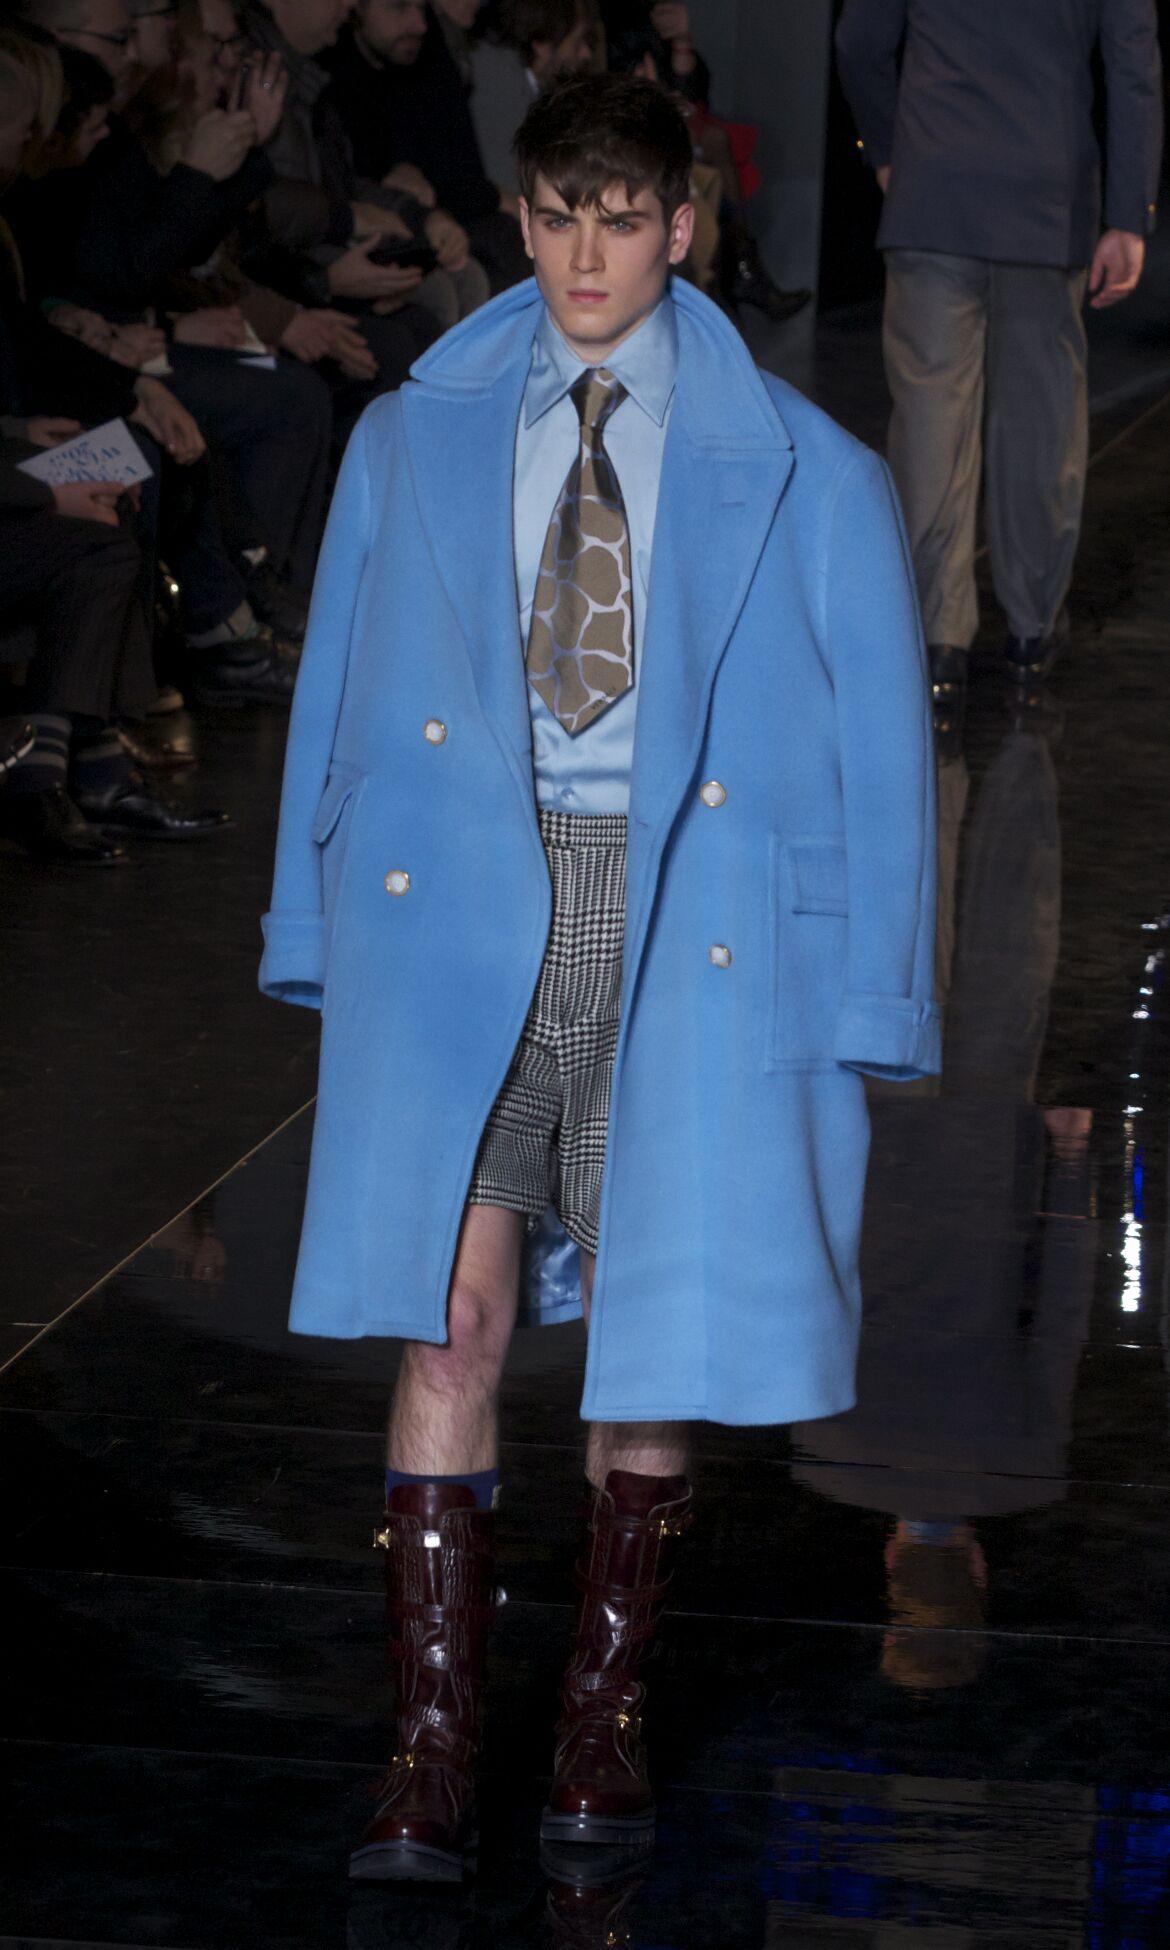 Versace Winter 2013 Catwalk Fashion